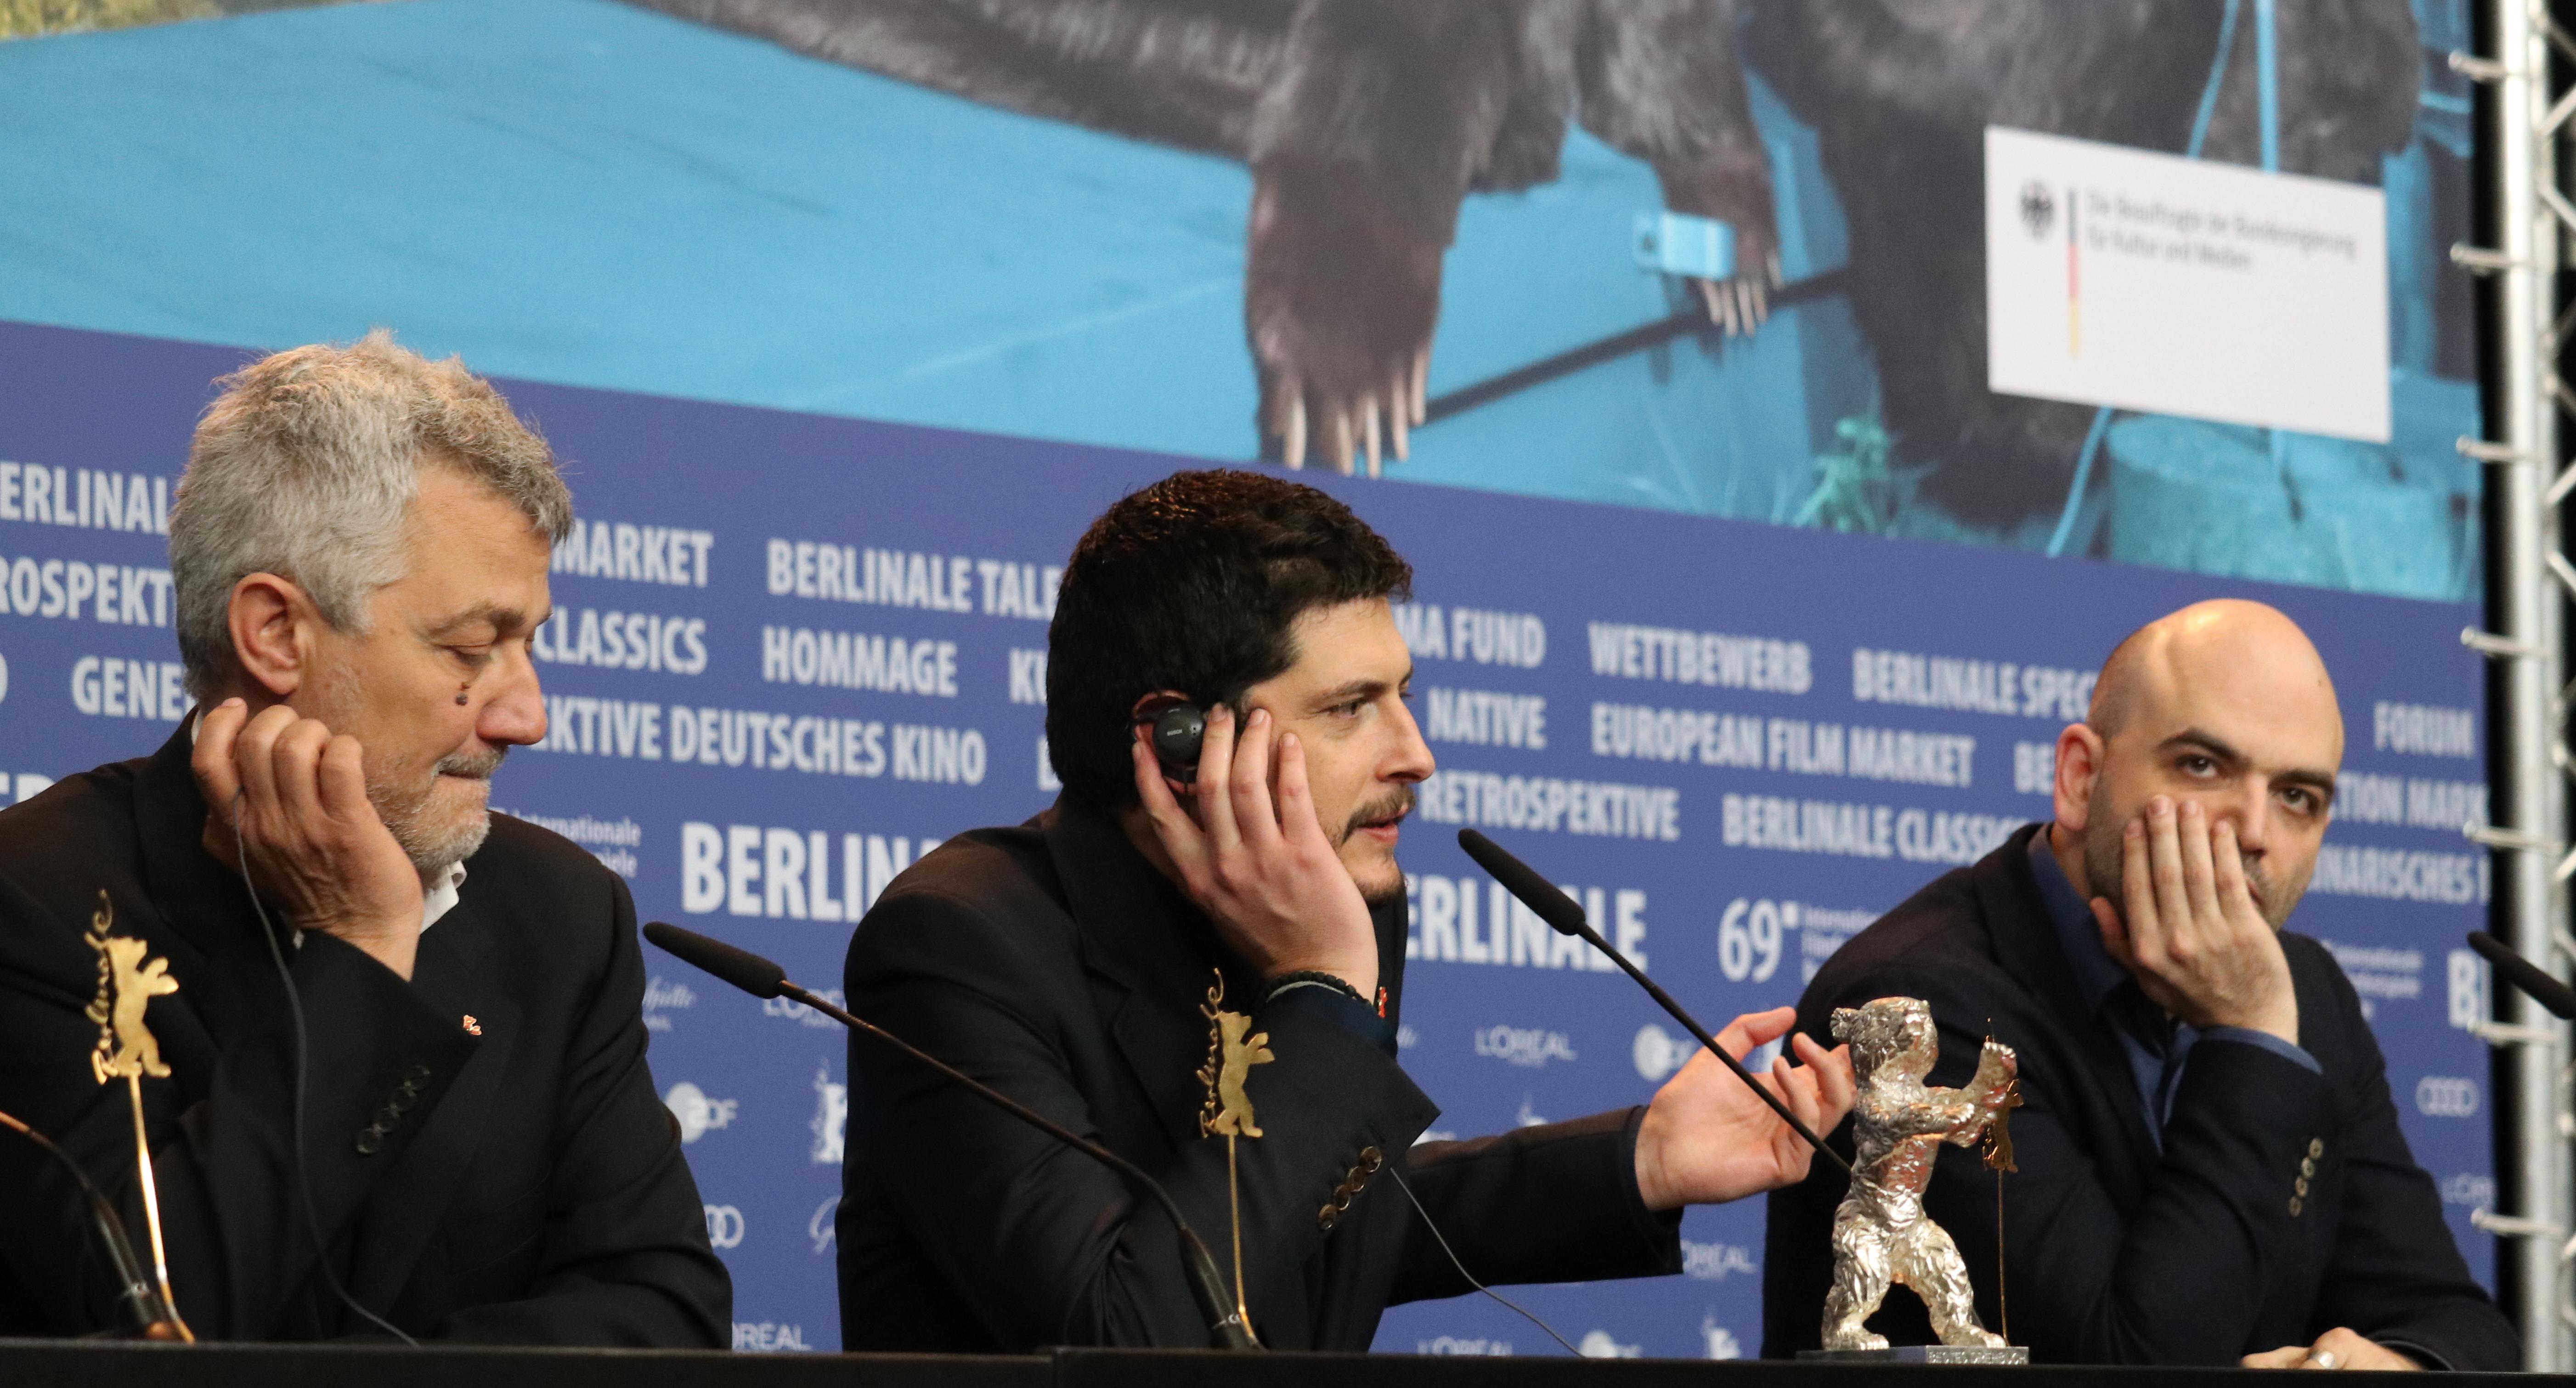 Berlino 2019: Roberto Saviano, Maurizio Braucci e Claudio Giovanessi alla conferenza di premiazione